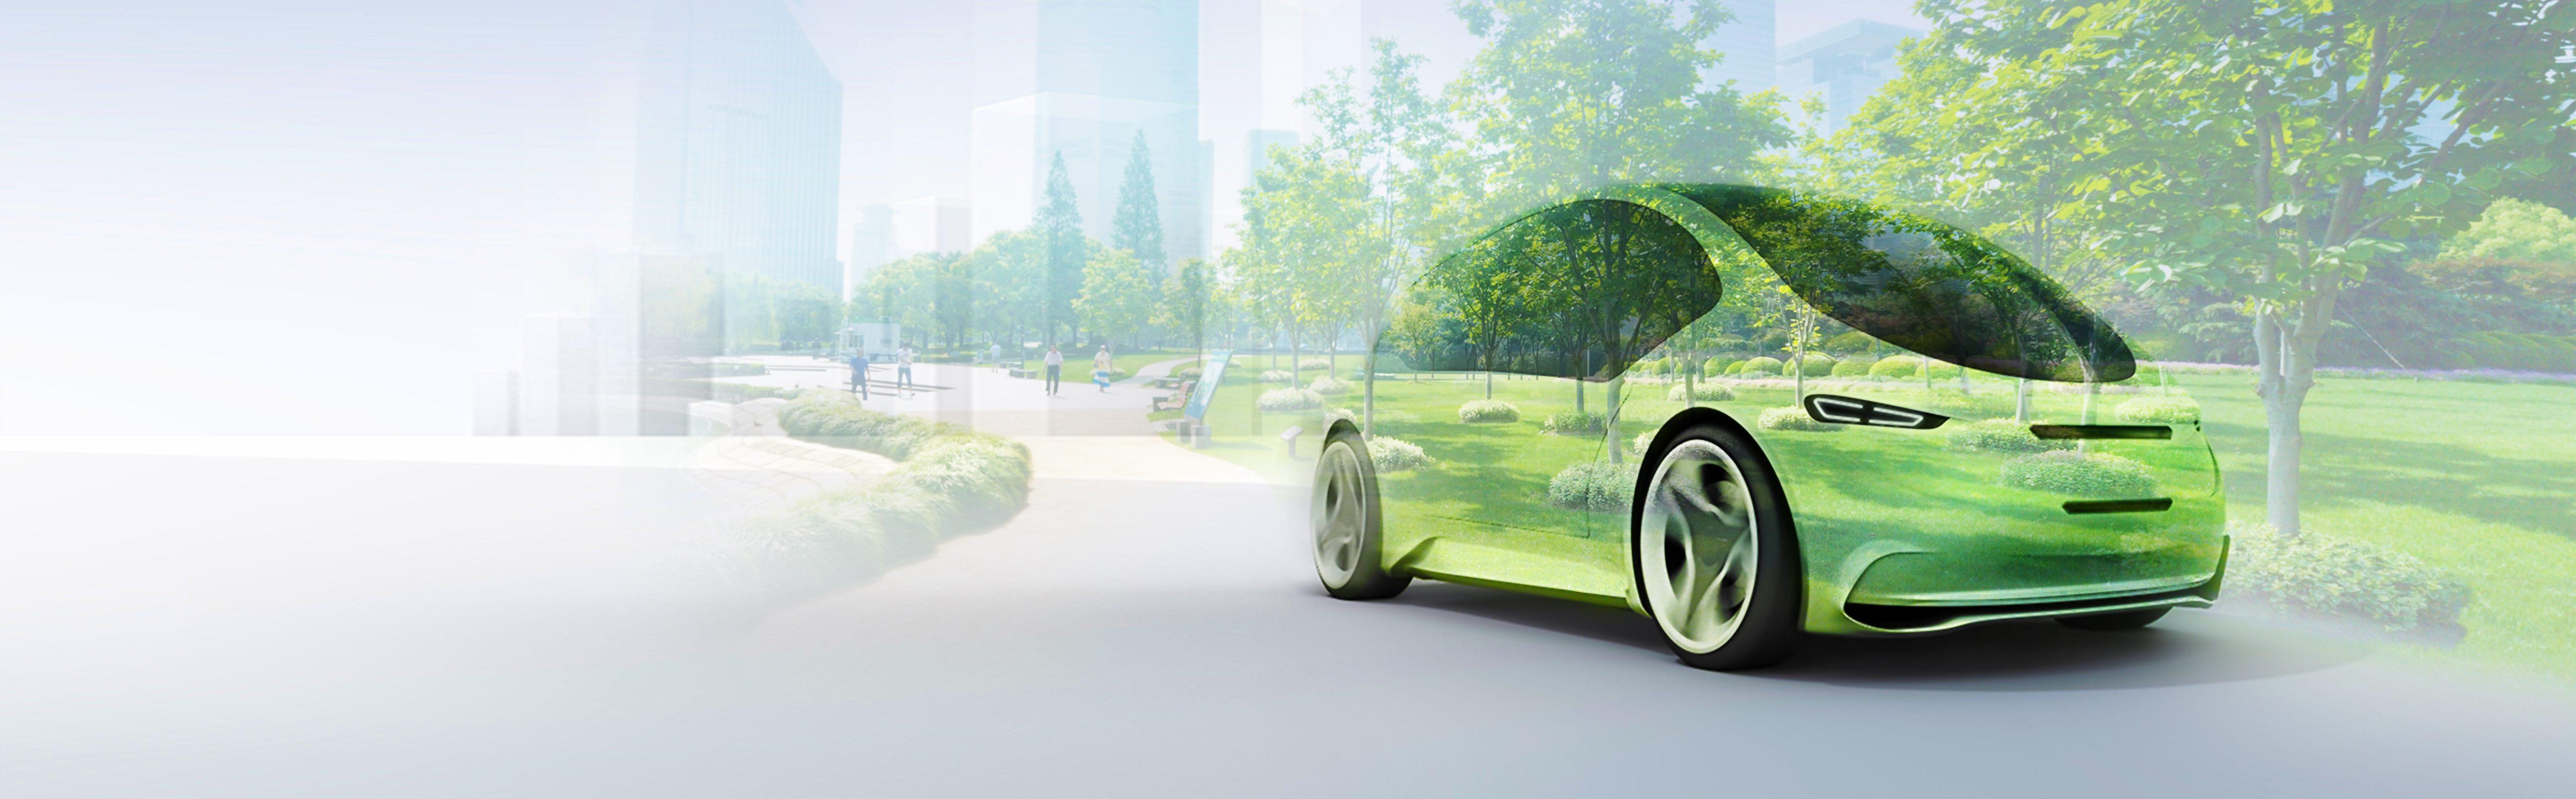 Bosch geht die Zukunft der Mobilität technologieoffen an